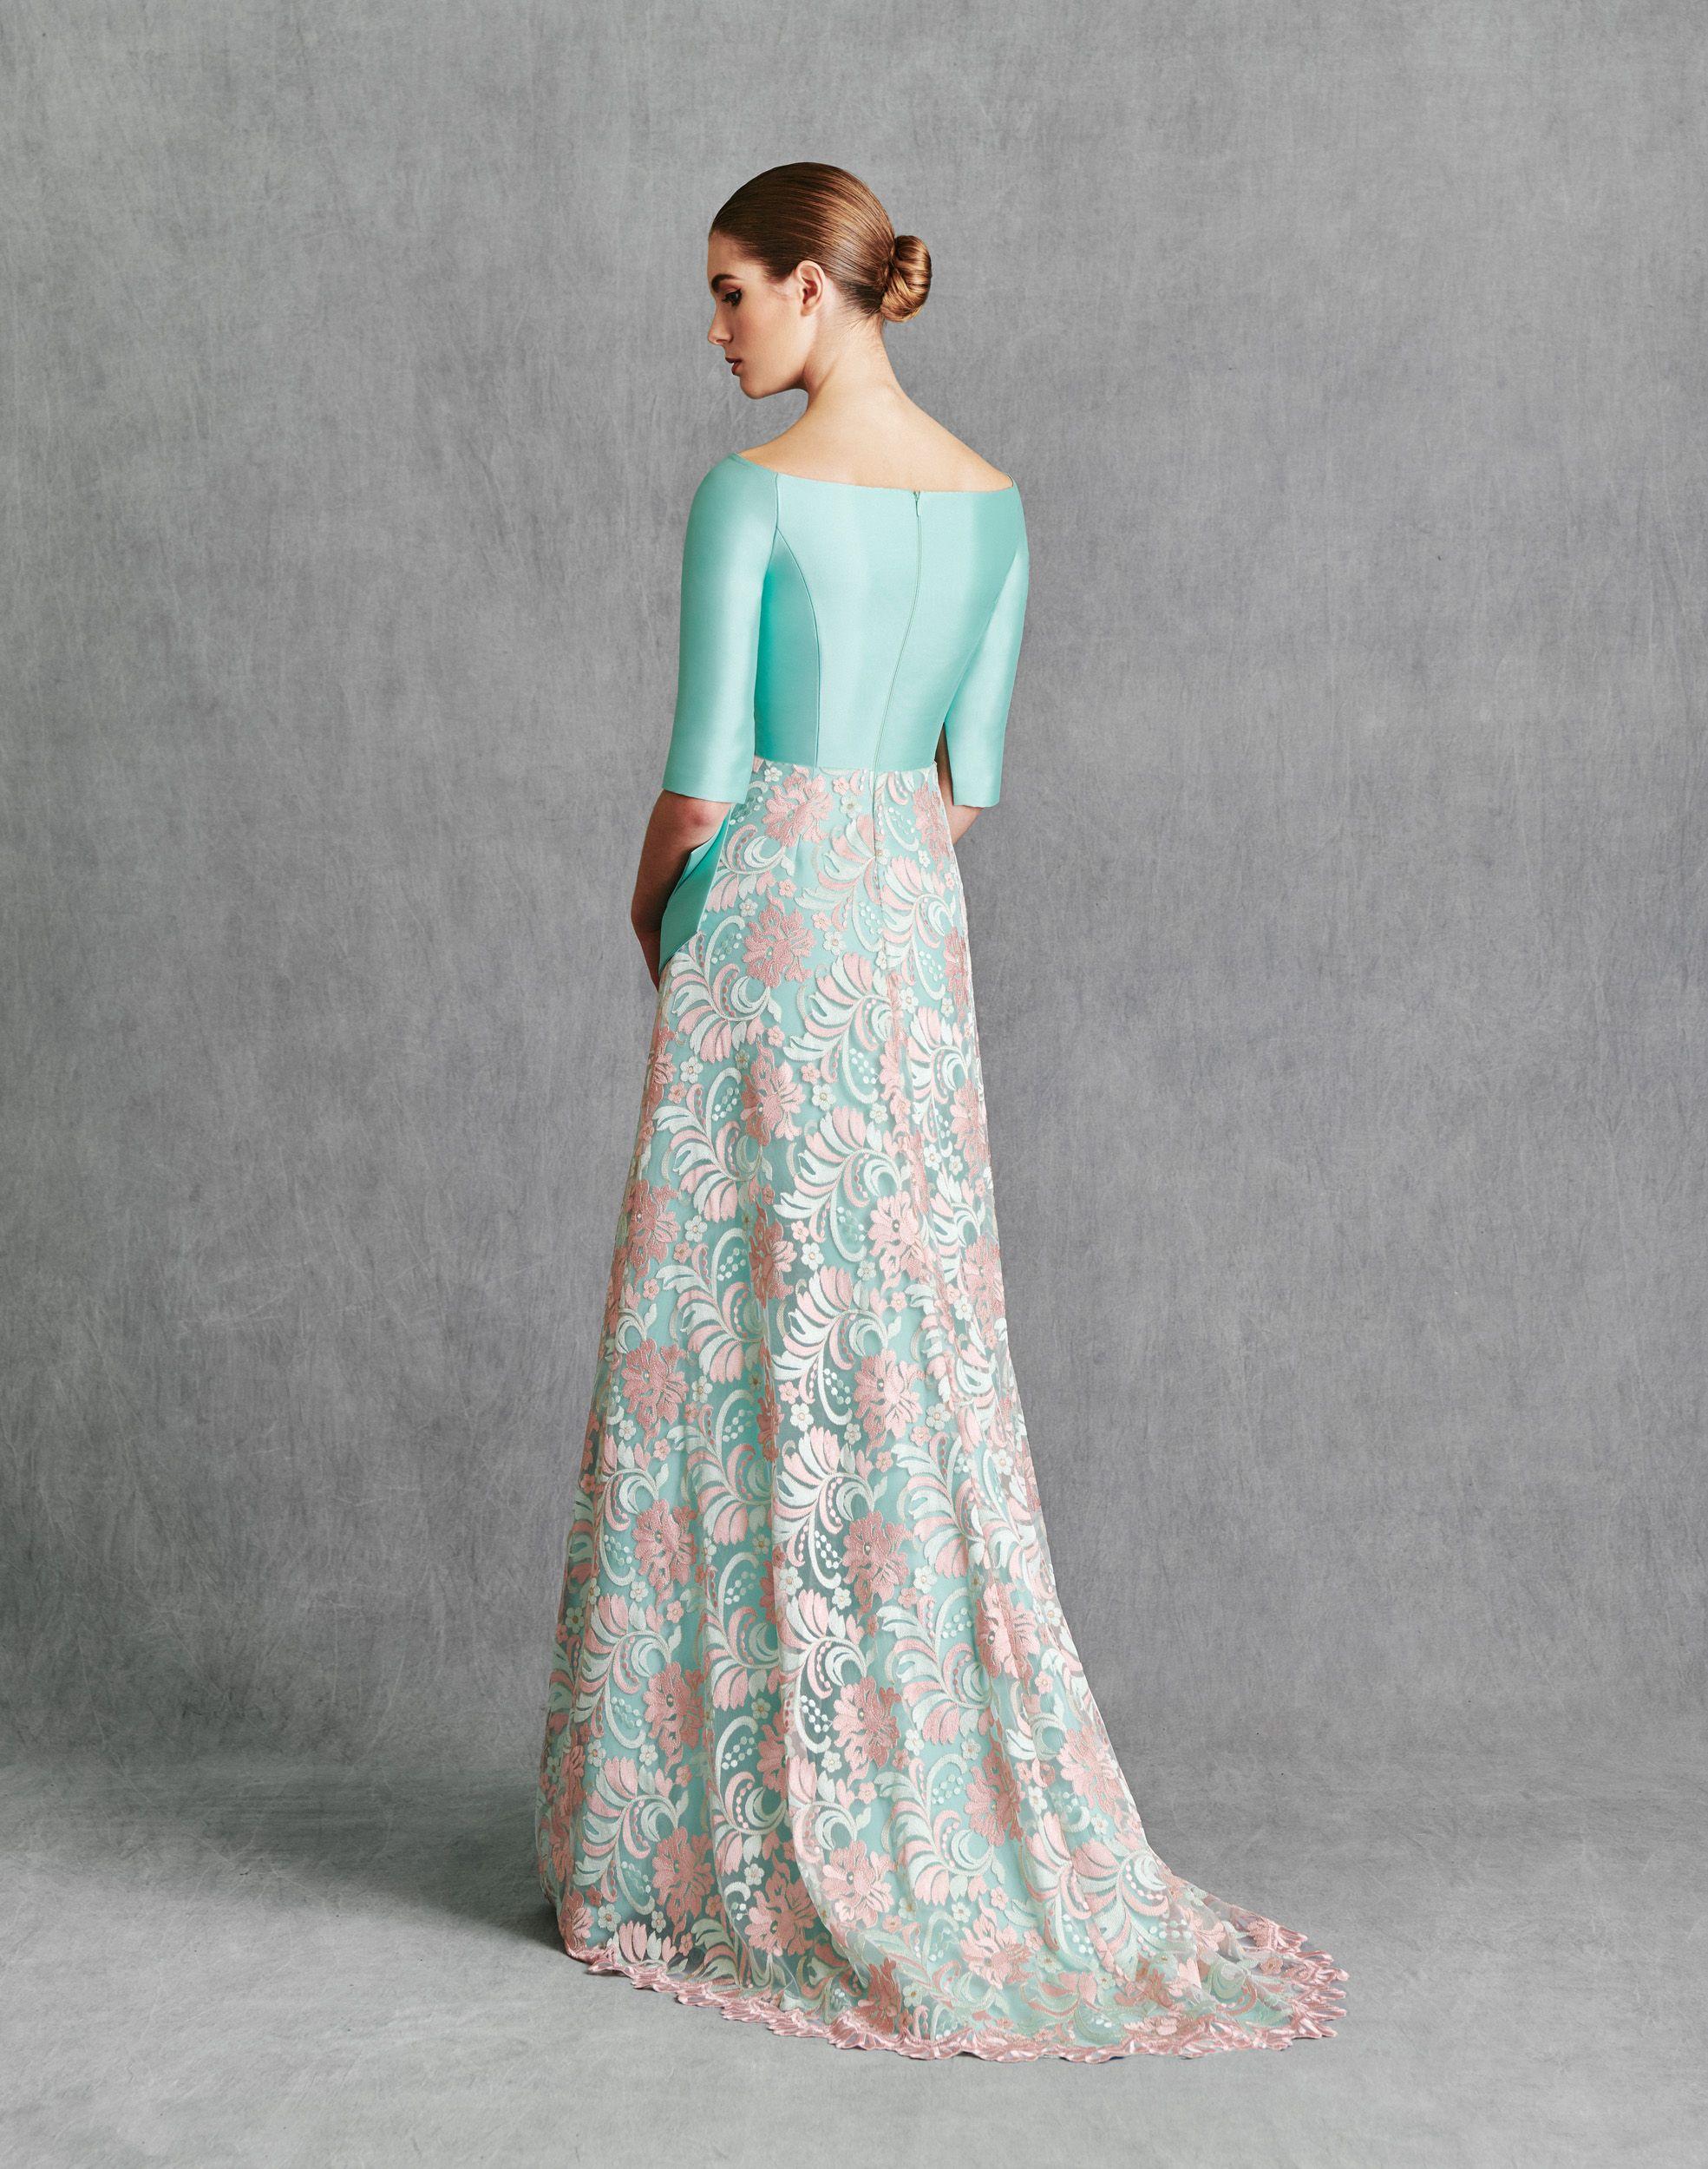 Vestidos de Fiesta 2020 - Silvia Fernandez Atelier - IOANNA - detrás